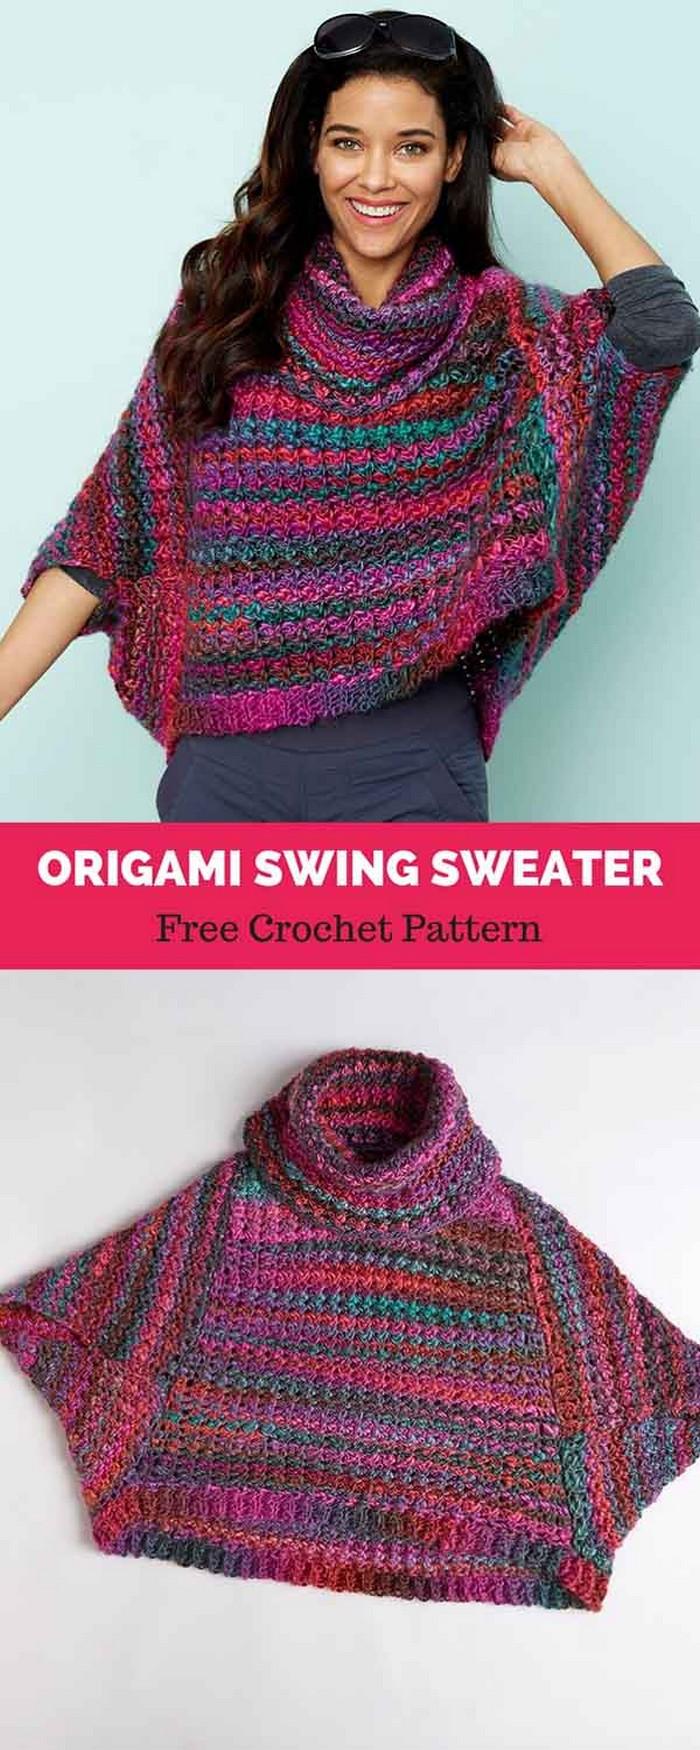 Orgami Swing Sweater Crochet Free Pattern